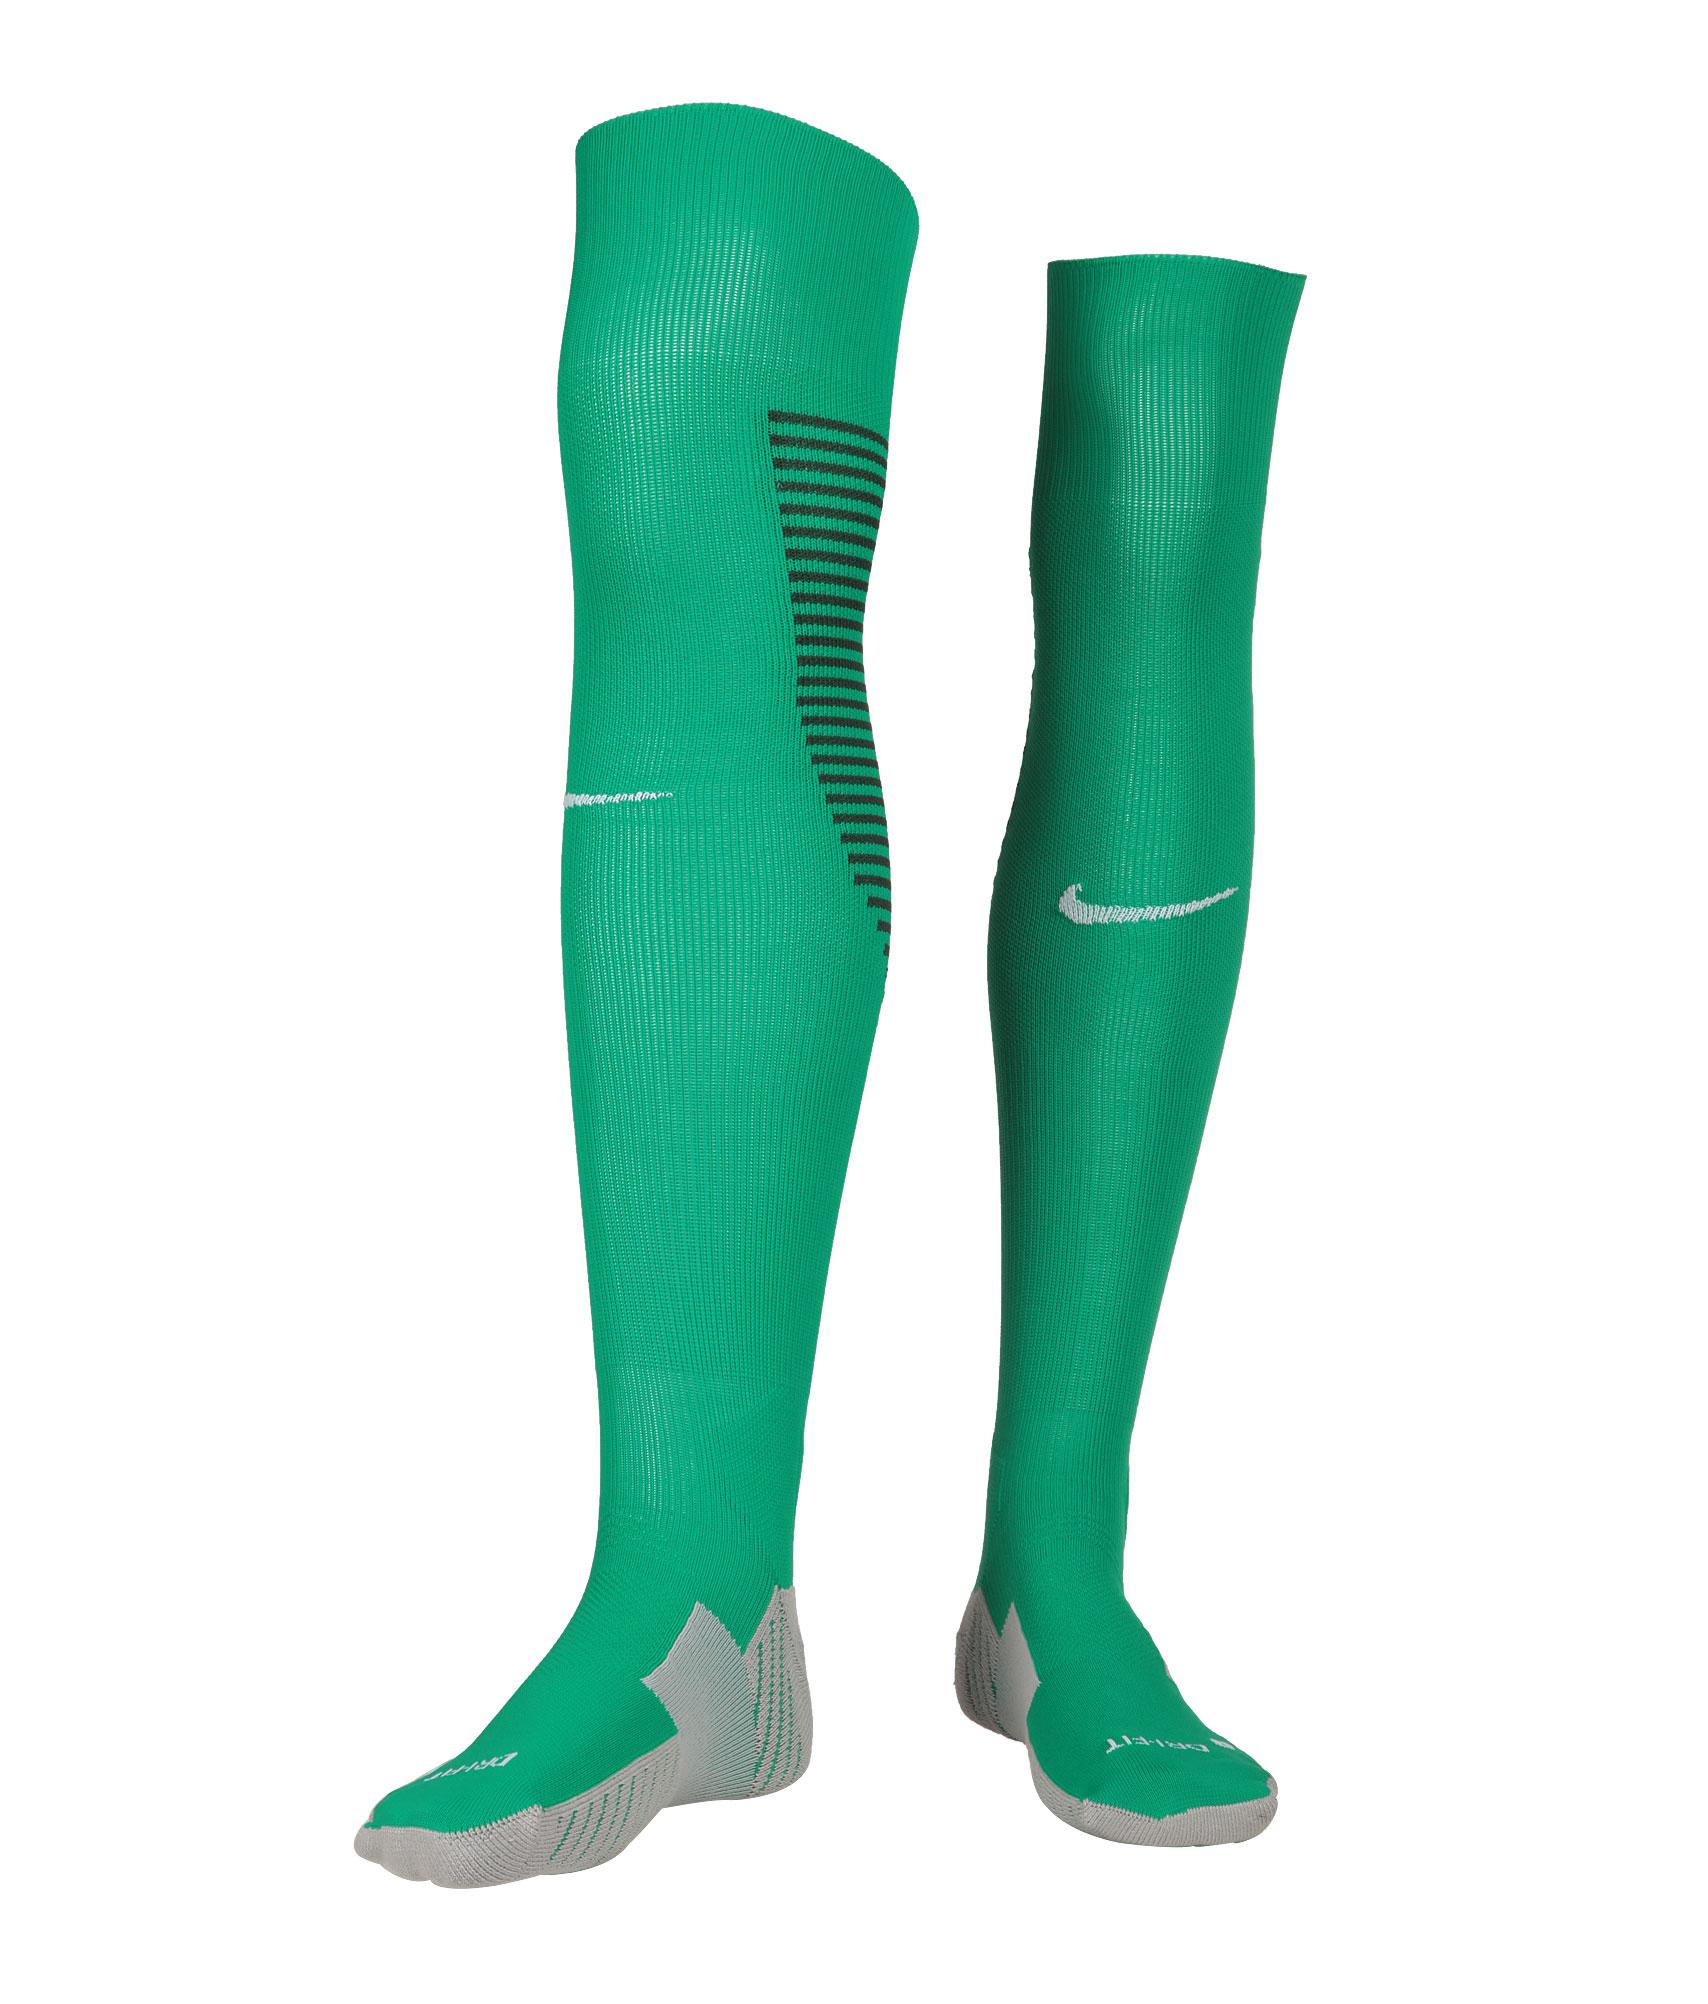 Гетры Nike вратарские Nike Цвет-Зеленый nike nike ni464aghca01